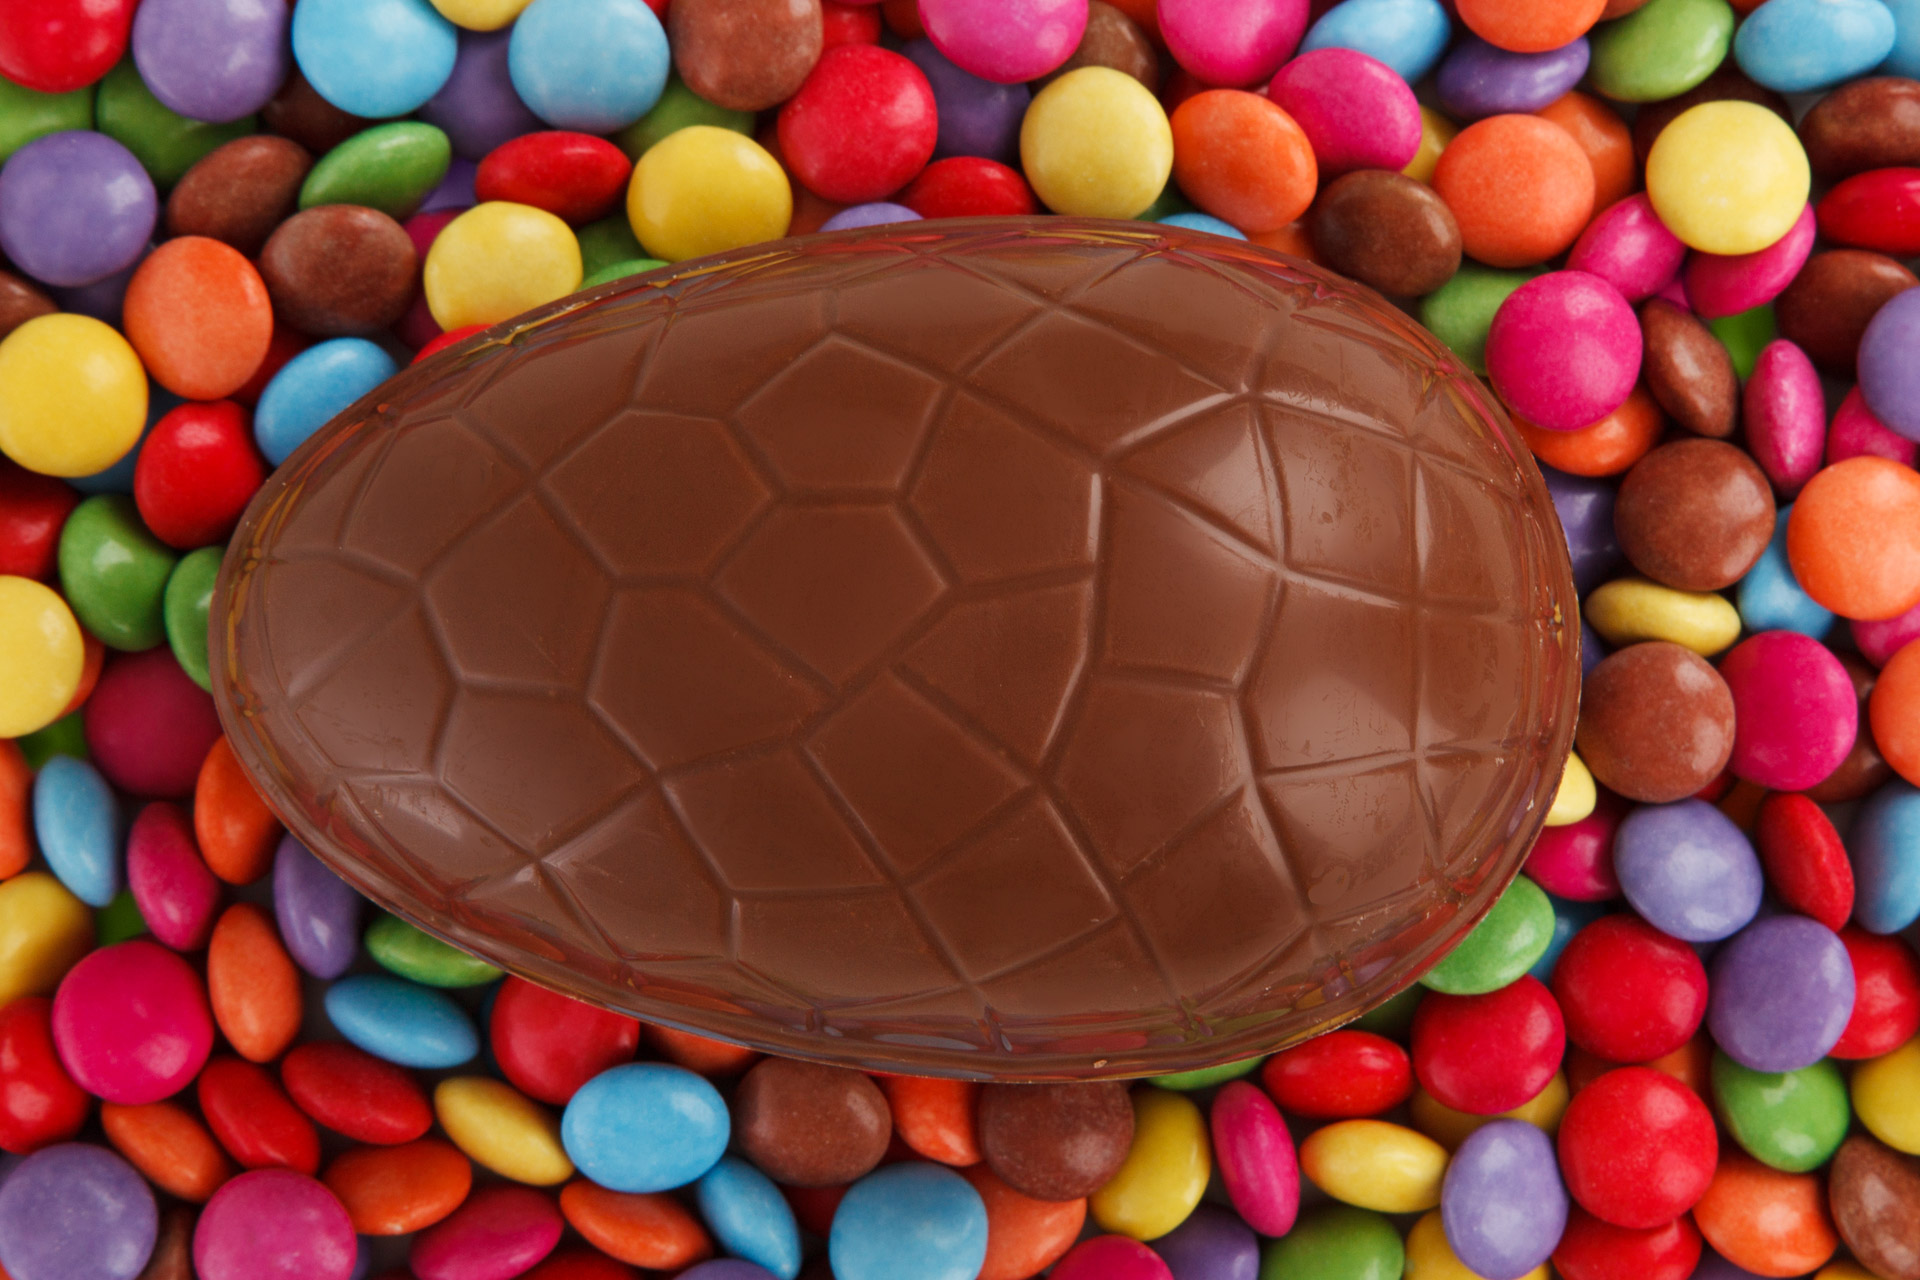 Pasqua: l'uovo di cioccolato una invenzione torinese